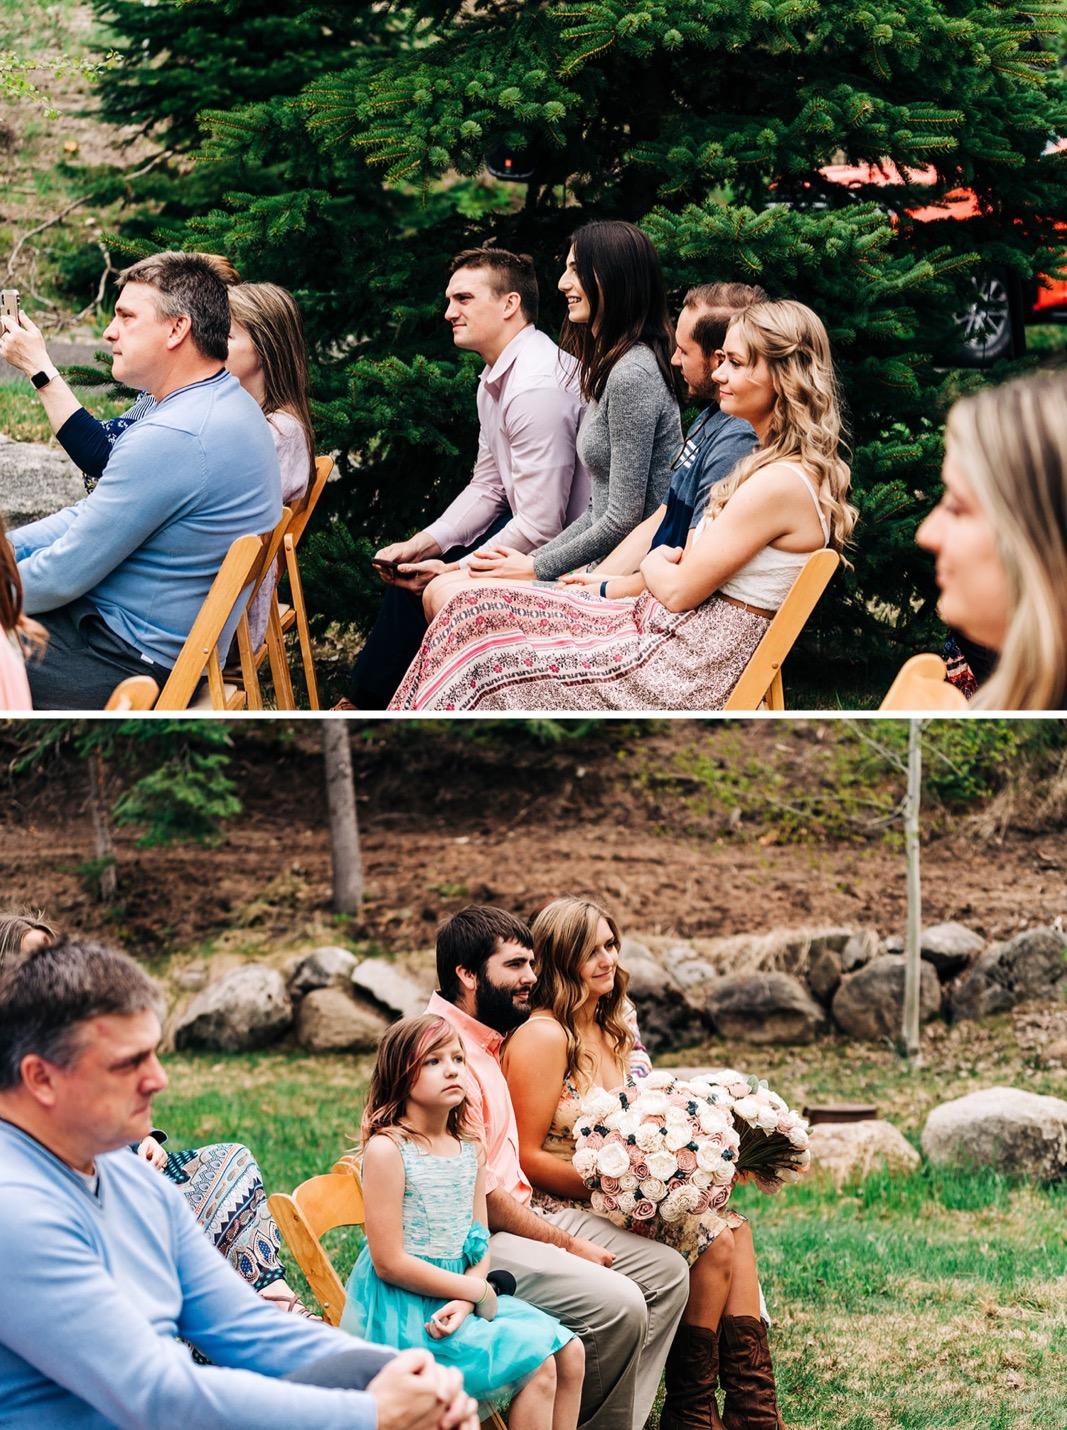 074_falissa_heather_wedding-188_falissa_heather_wedding-186.jpg